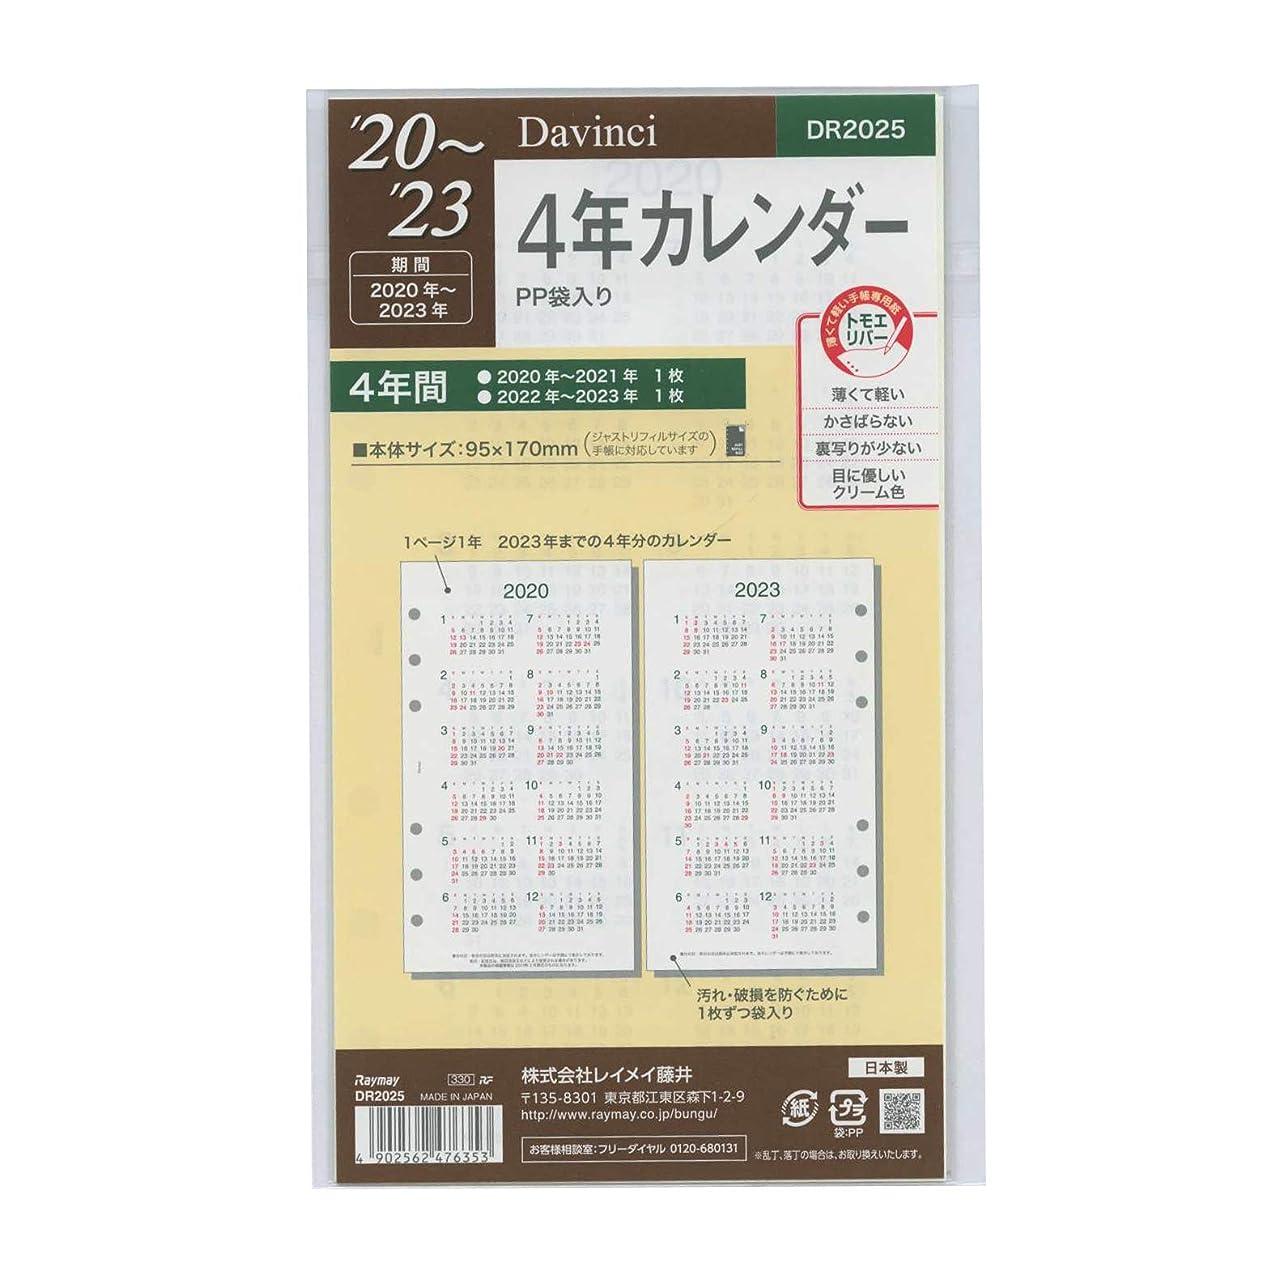 時々間に合わせオート2020年版 バイブルサイズ ダ?ヴィンチ 4年カレンダー システム手帳リフィル DR2025